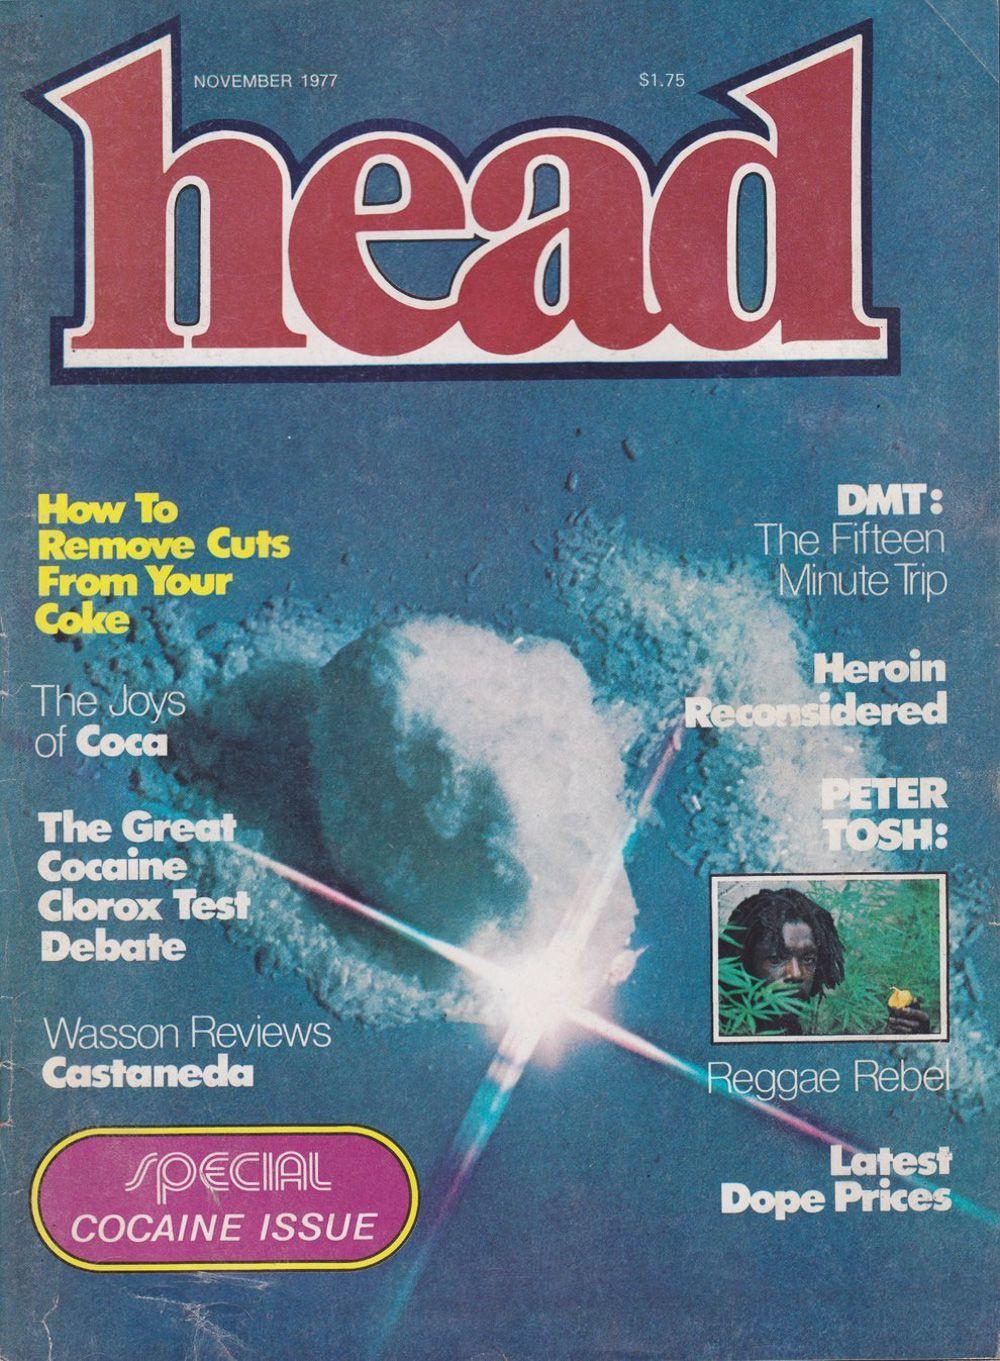 asi anunciaban productos relacionados con la cocaina en las revistas de los años 70 y 80 33